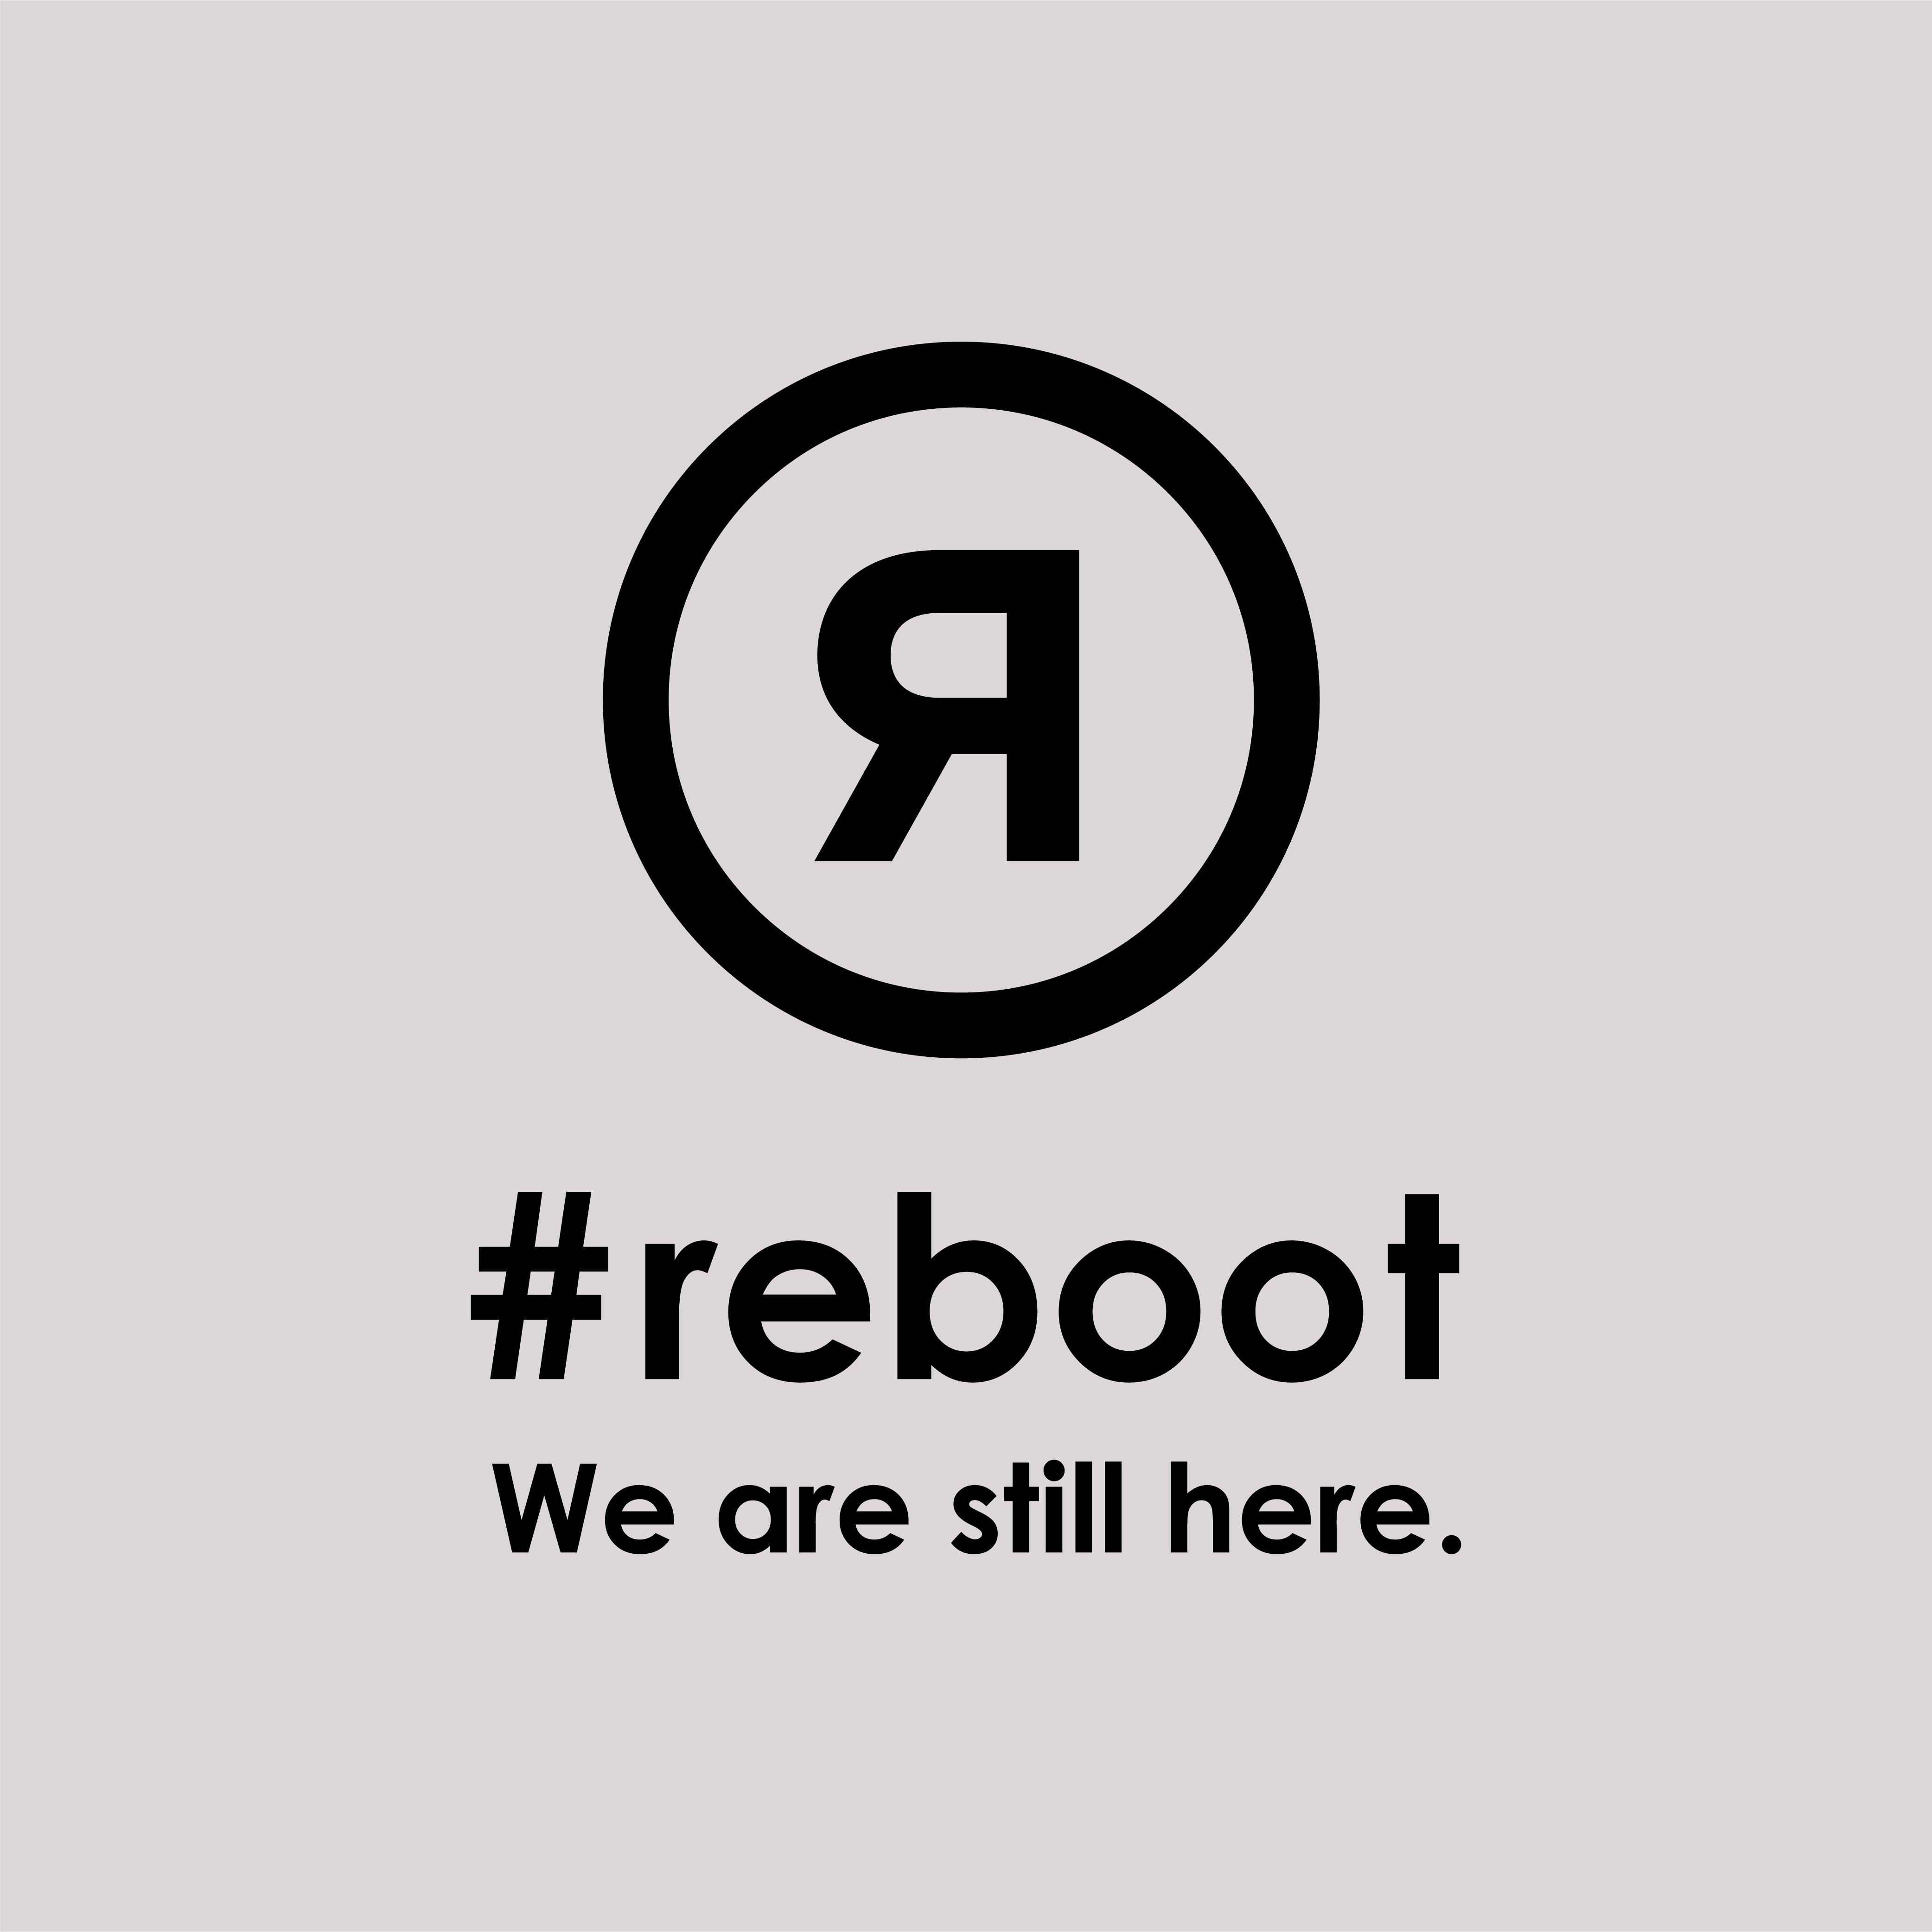 #rebootステッカー|グレー